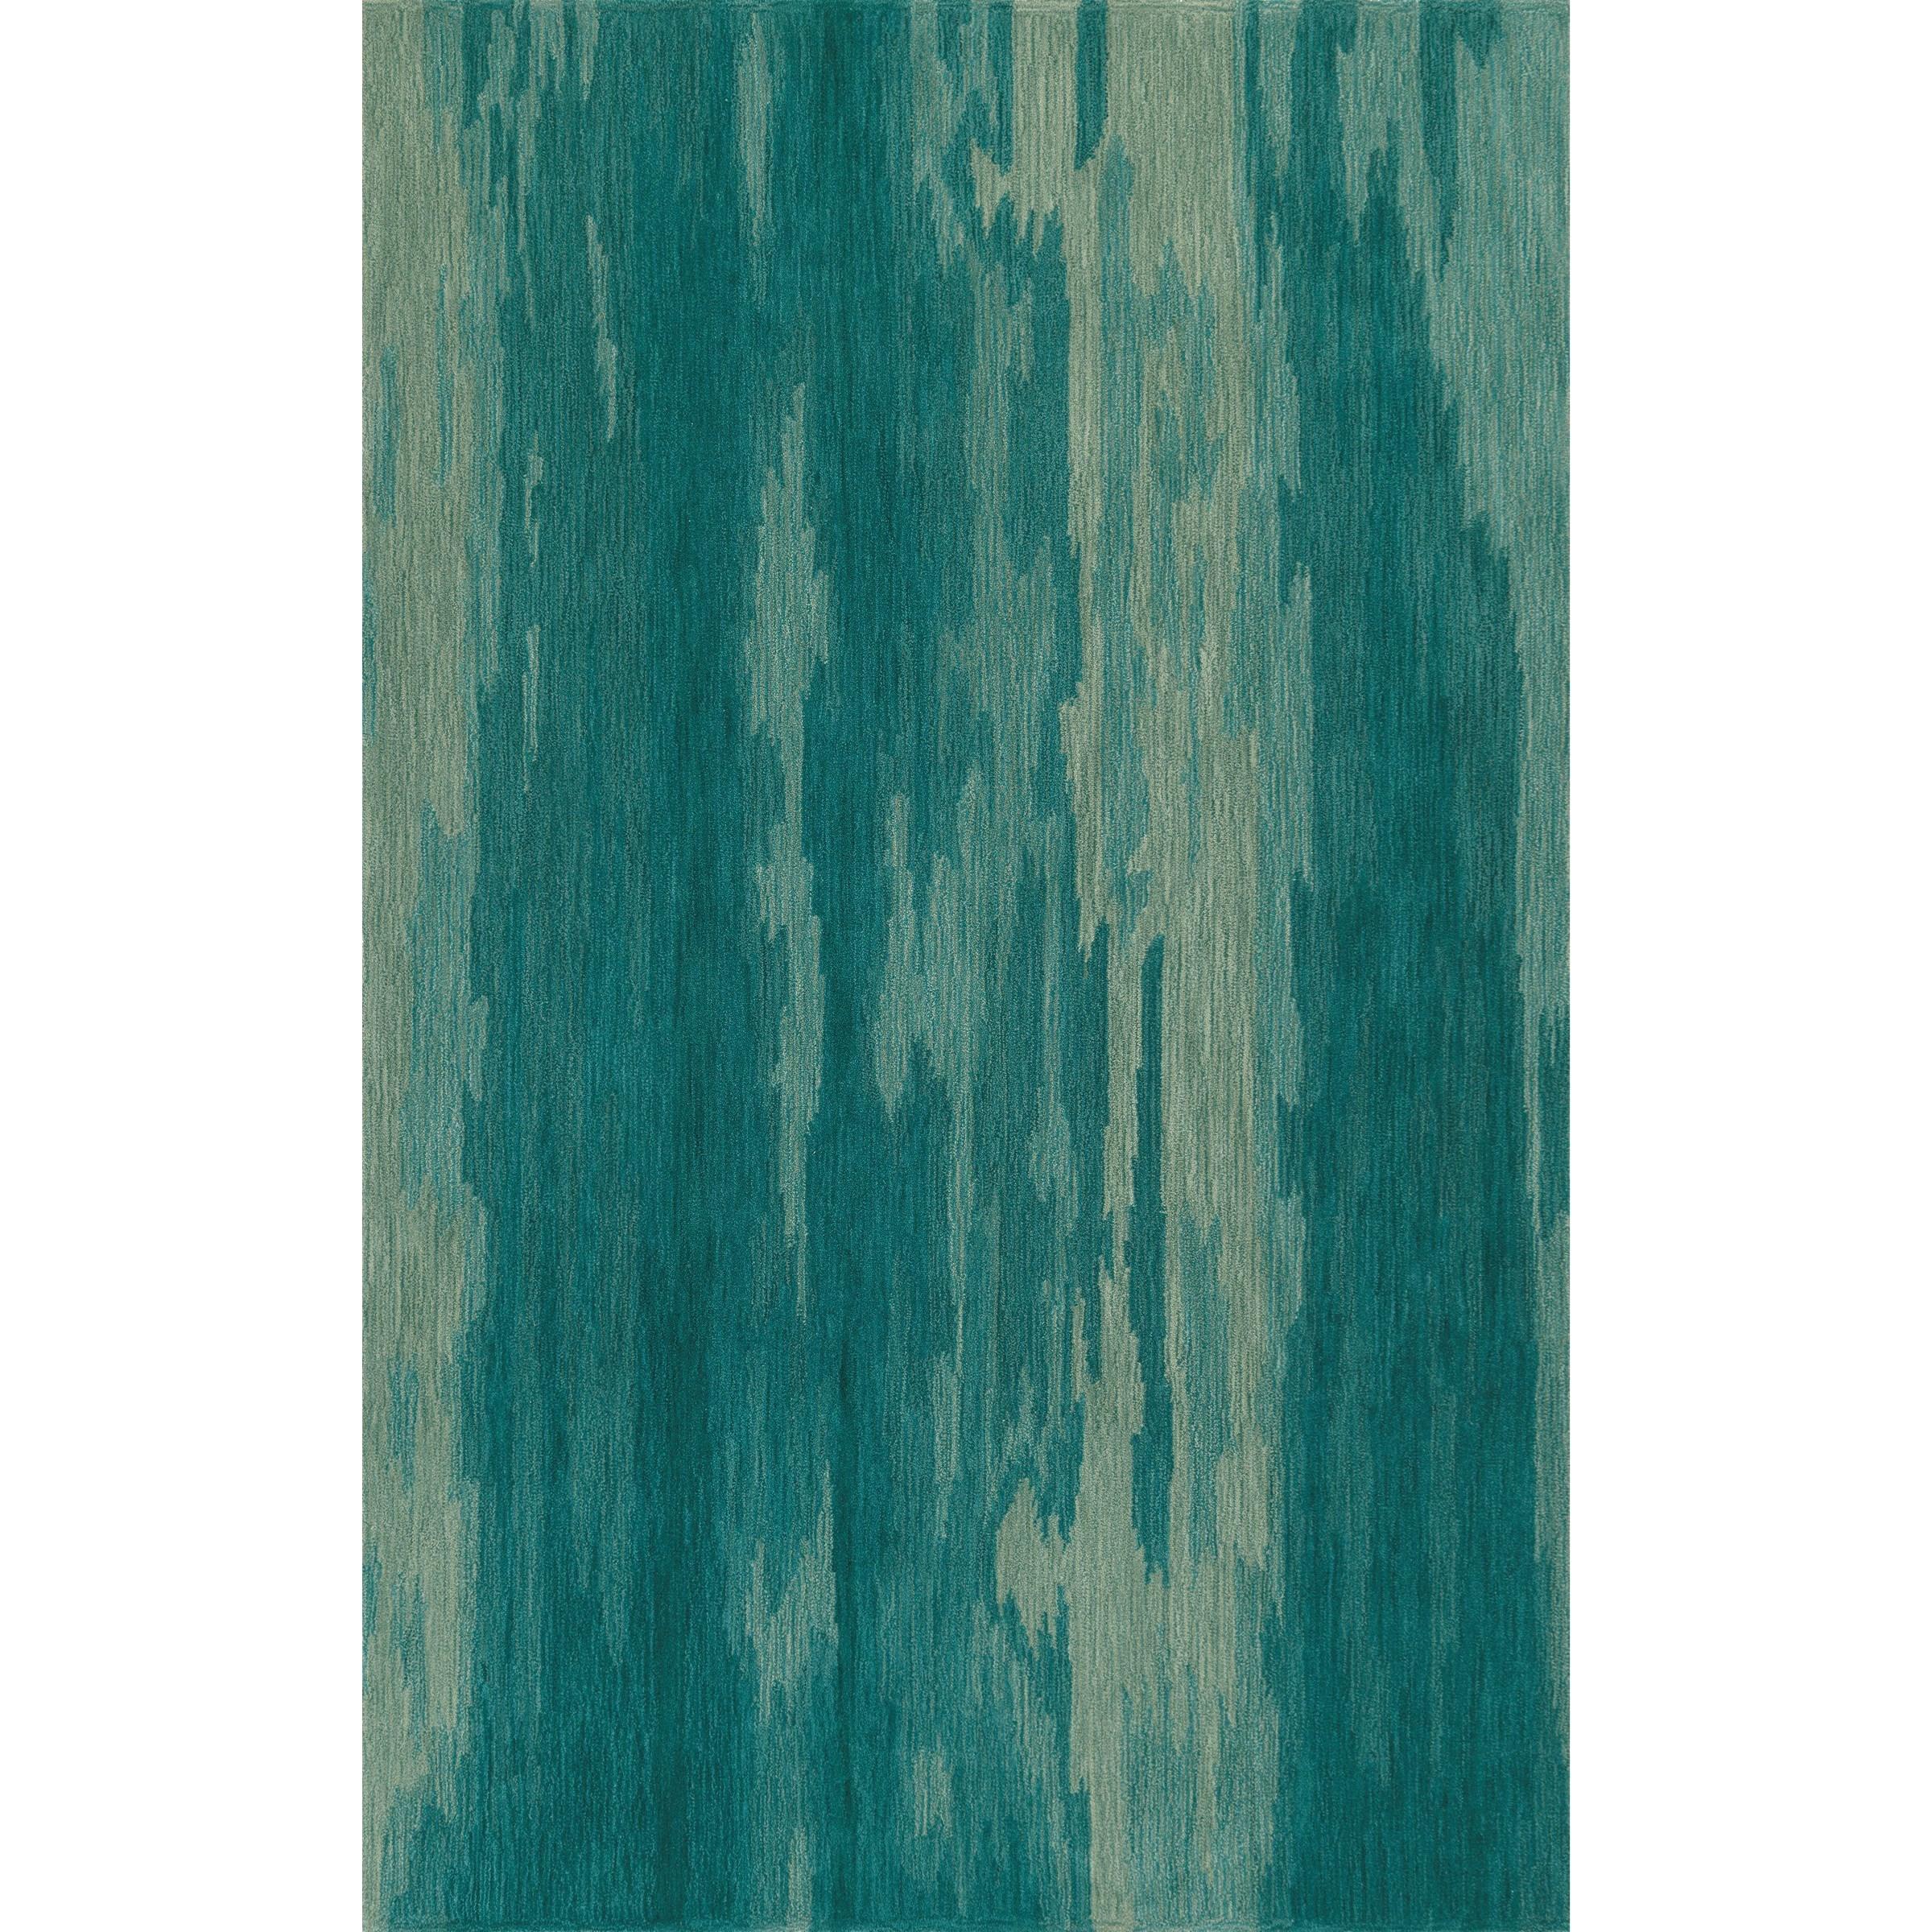 """DelMar Aqua 3'6""""X5'6"""" Rug by Dalyn at Sadler's Home Furnishings"""